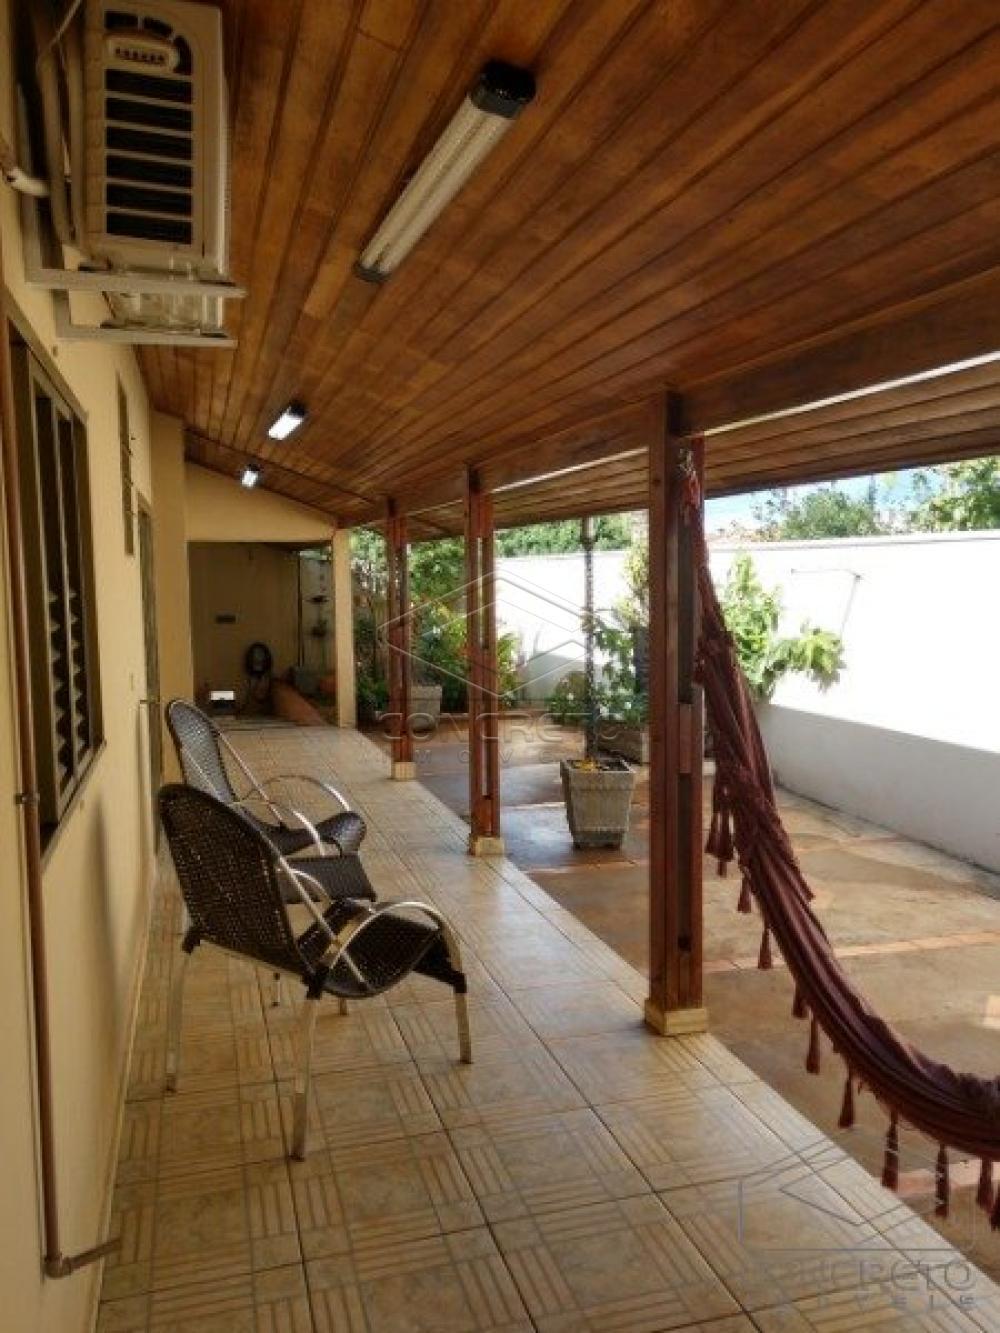 Comprar Casa / Residencia em Jaú apenas R$ 255.000,00 - Foto 1